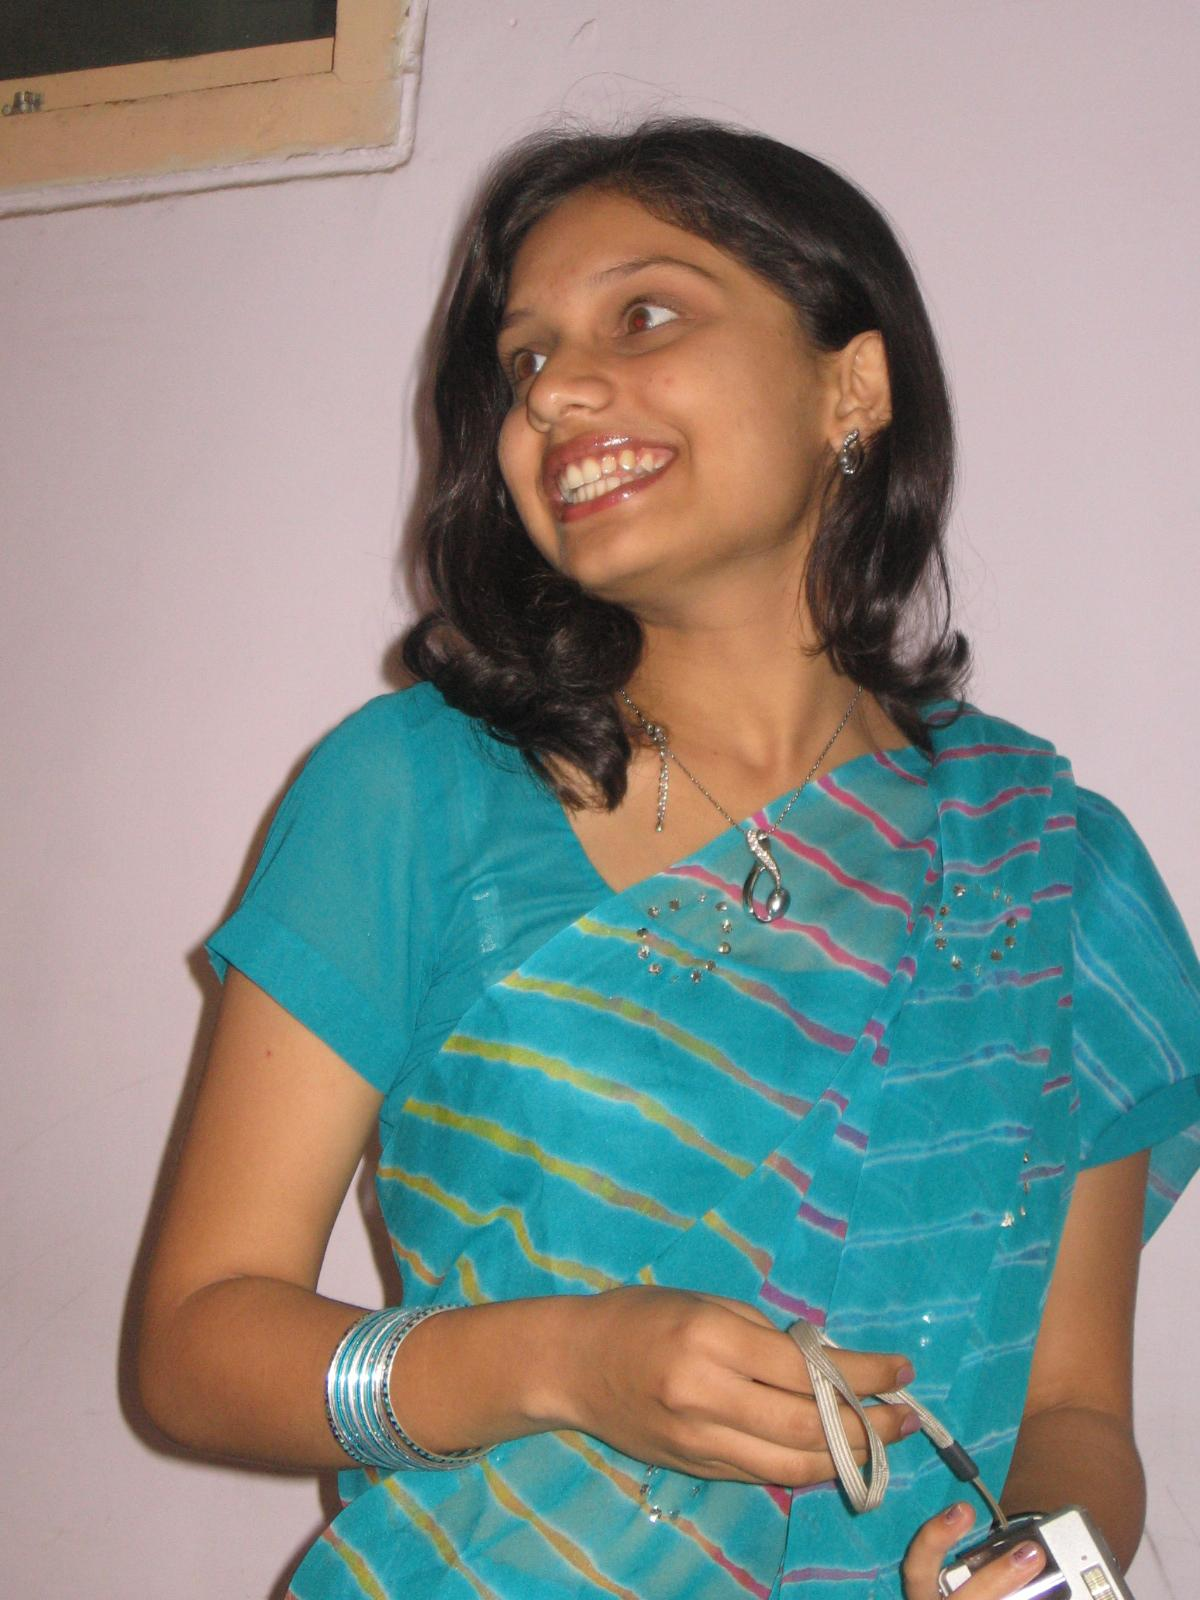 Desi Innocent Girl Cute Desi Girl In Saree 15